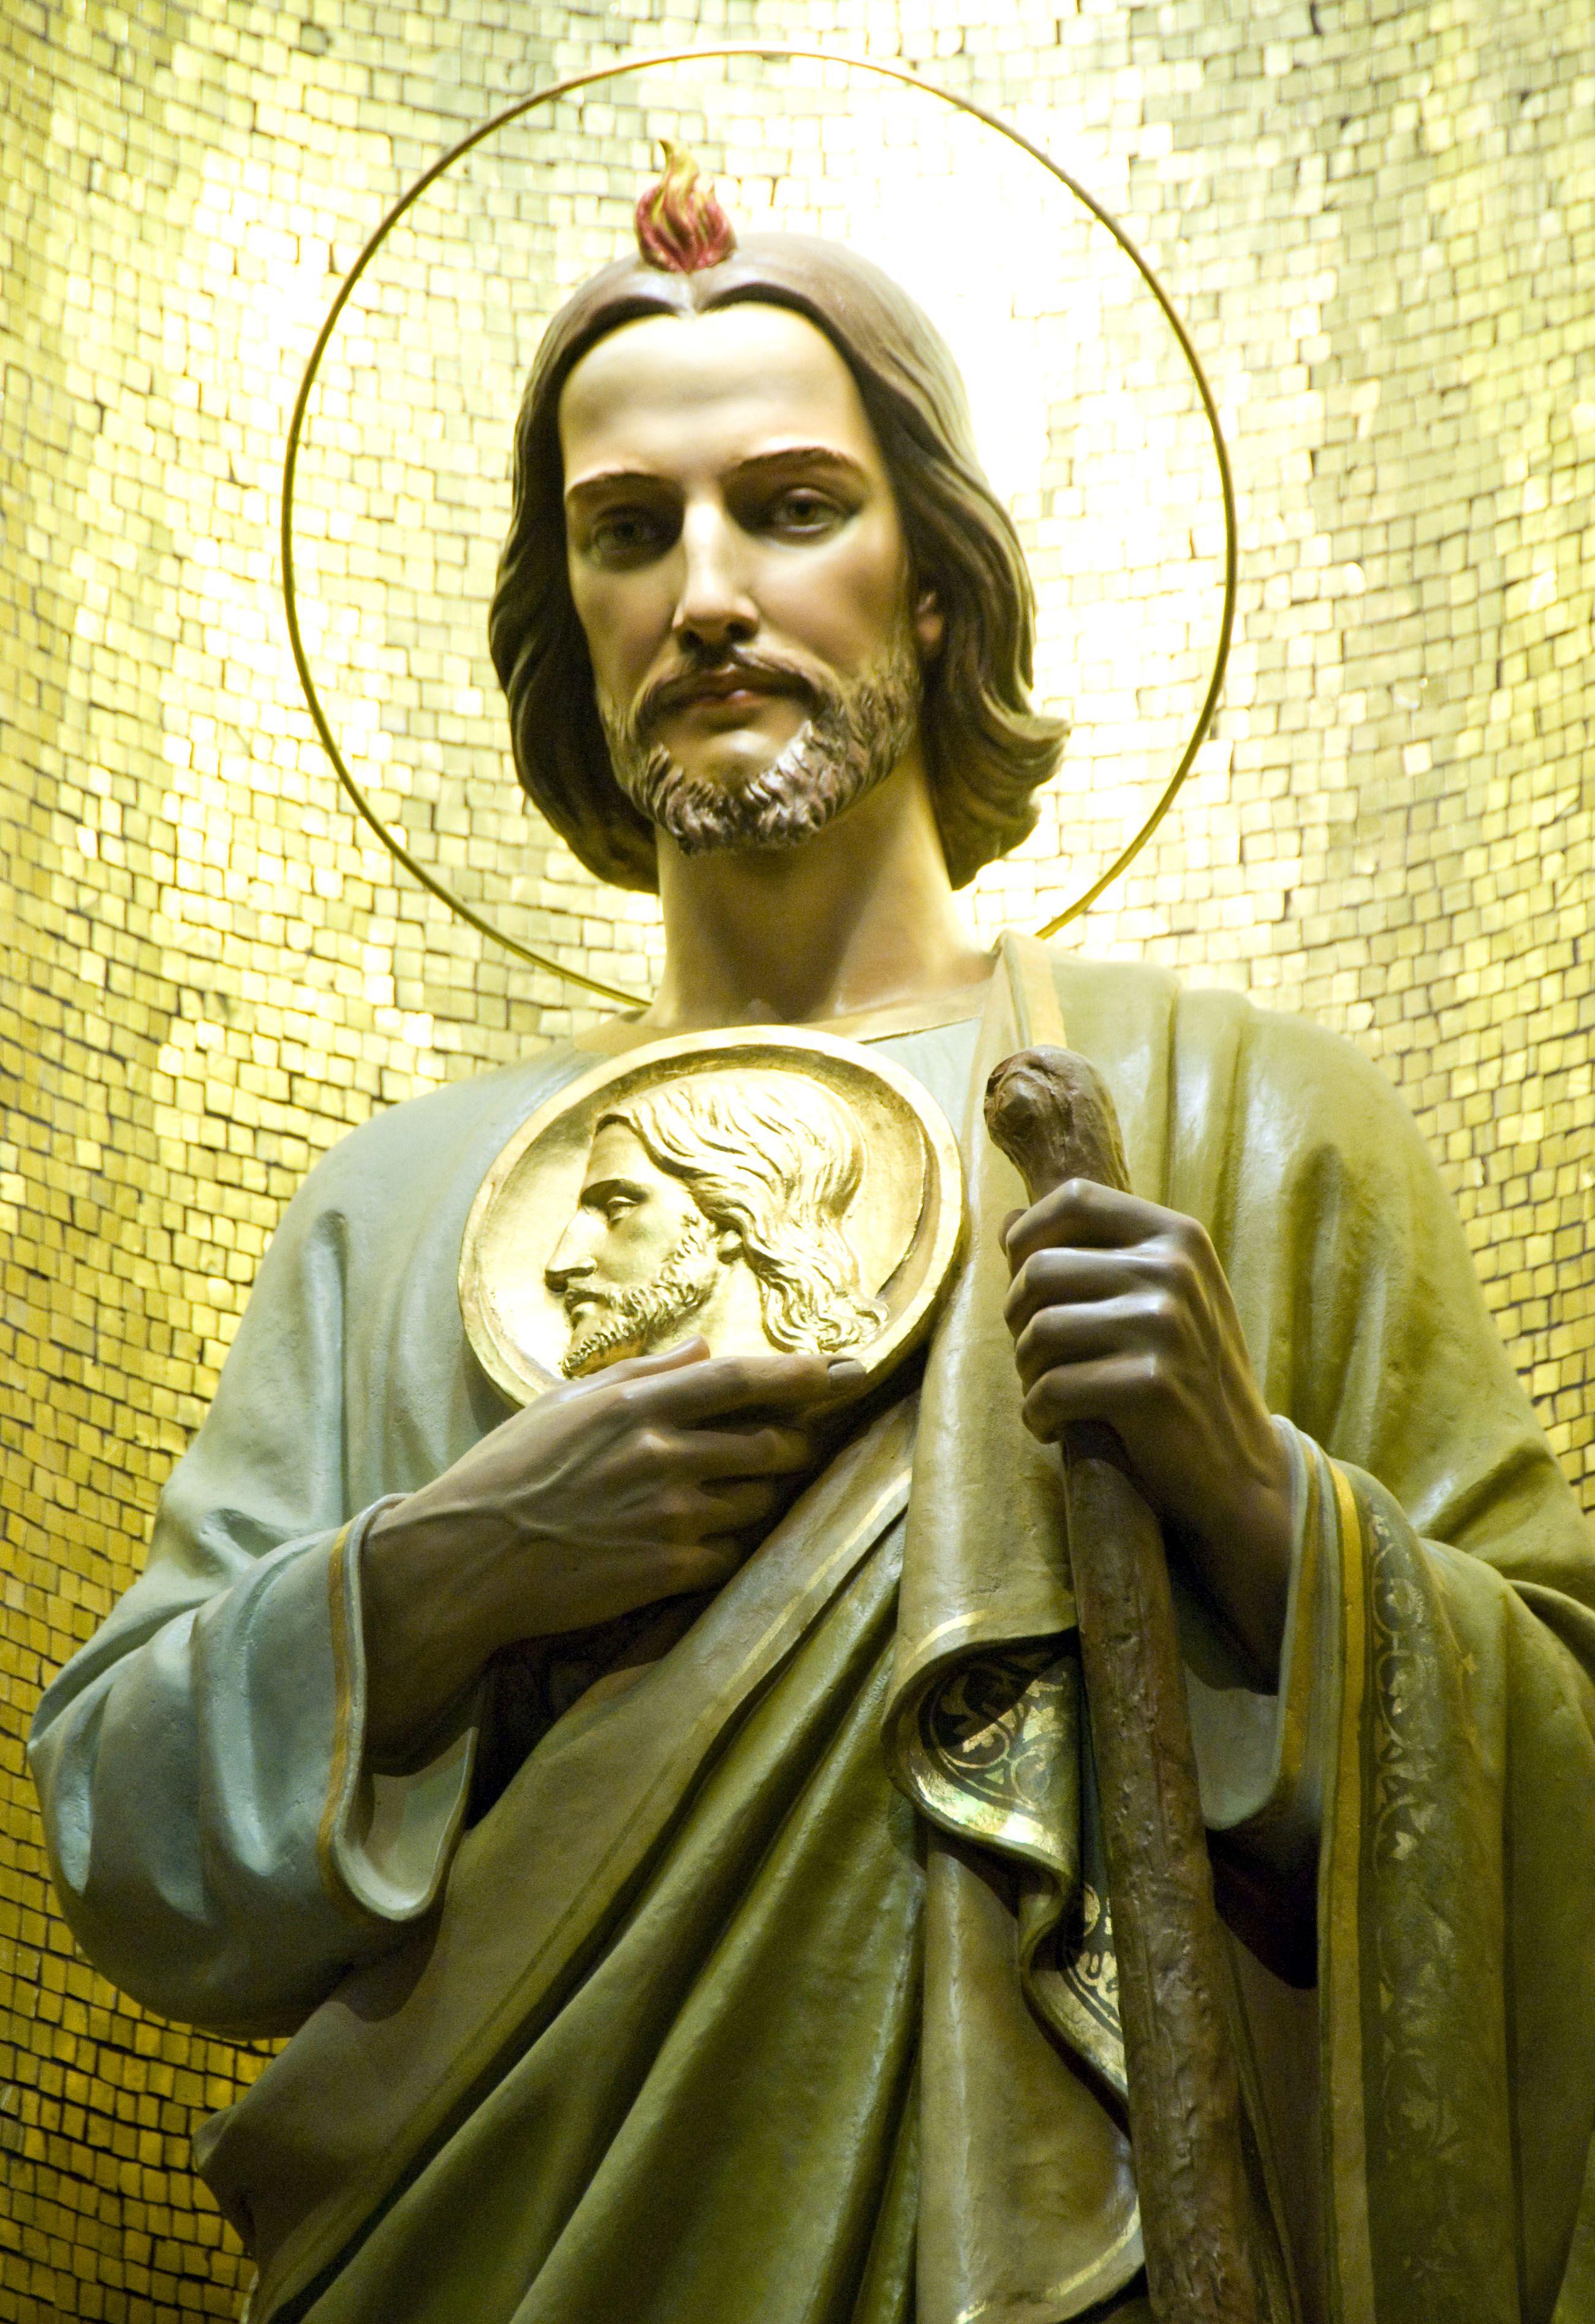 saint jude single catholic girls A popular roman catholic prayer to saint jude is: girl saints st anthony jesus catholic online singles safe, secure catholic dating.